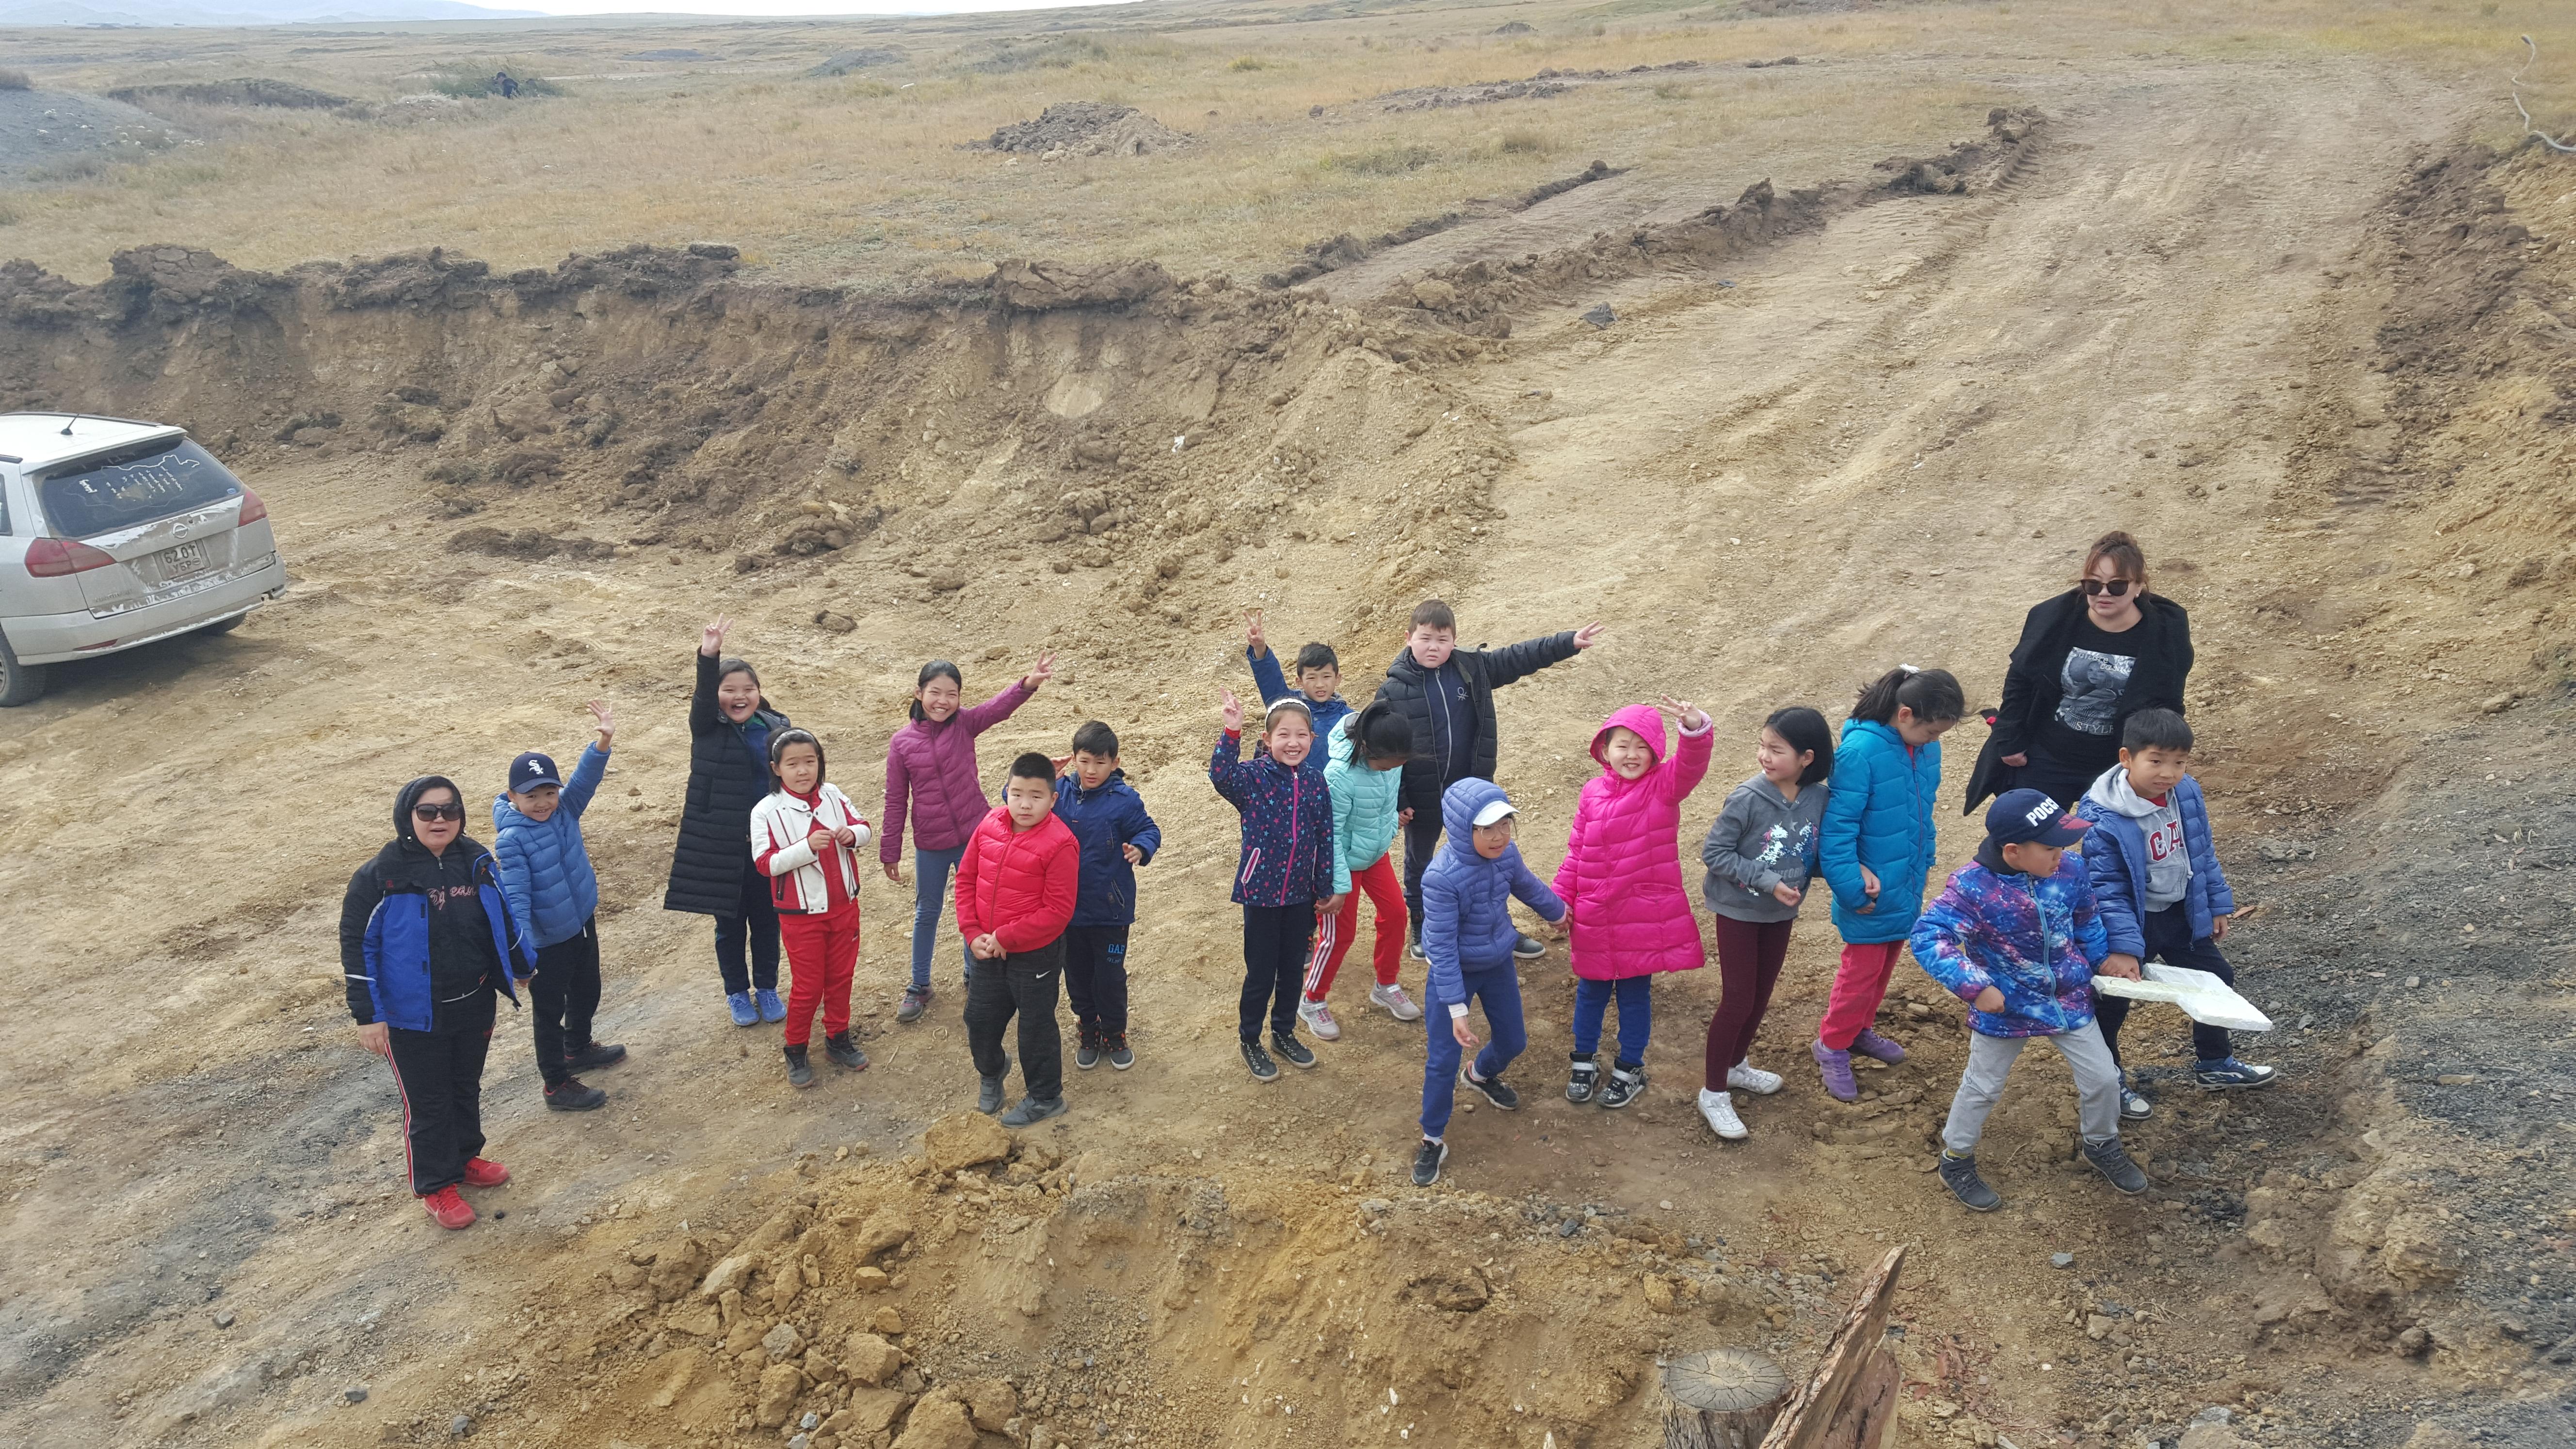 SSM сургуулийн сурагчид Налайх дүүргийн нүүрсний уурхайтай танилцлаа